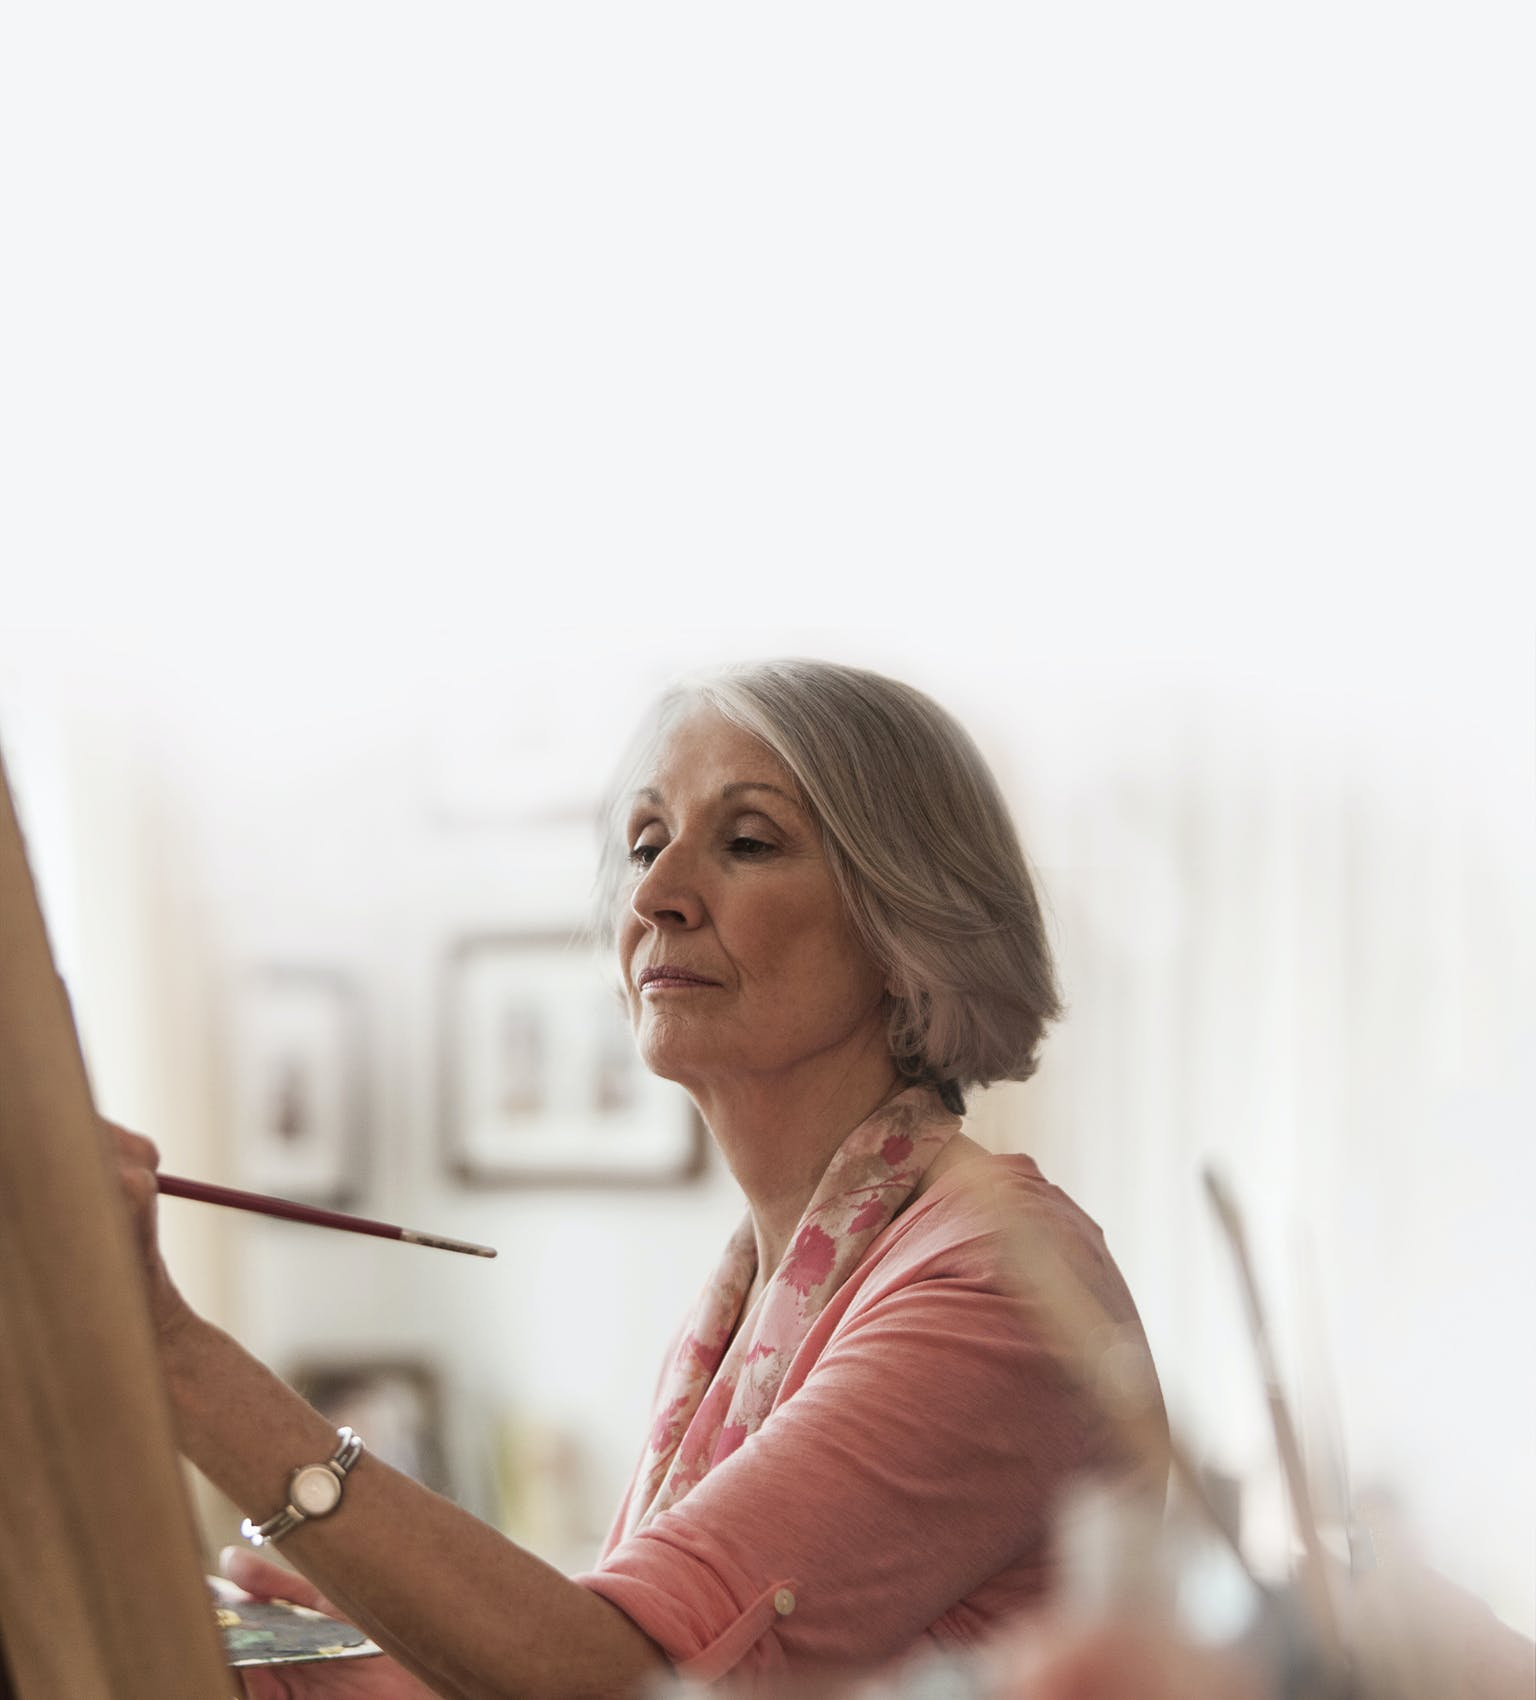 Femme d'âge mûr qui peint une toile sur un chevalet